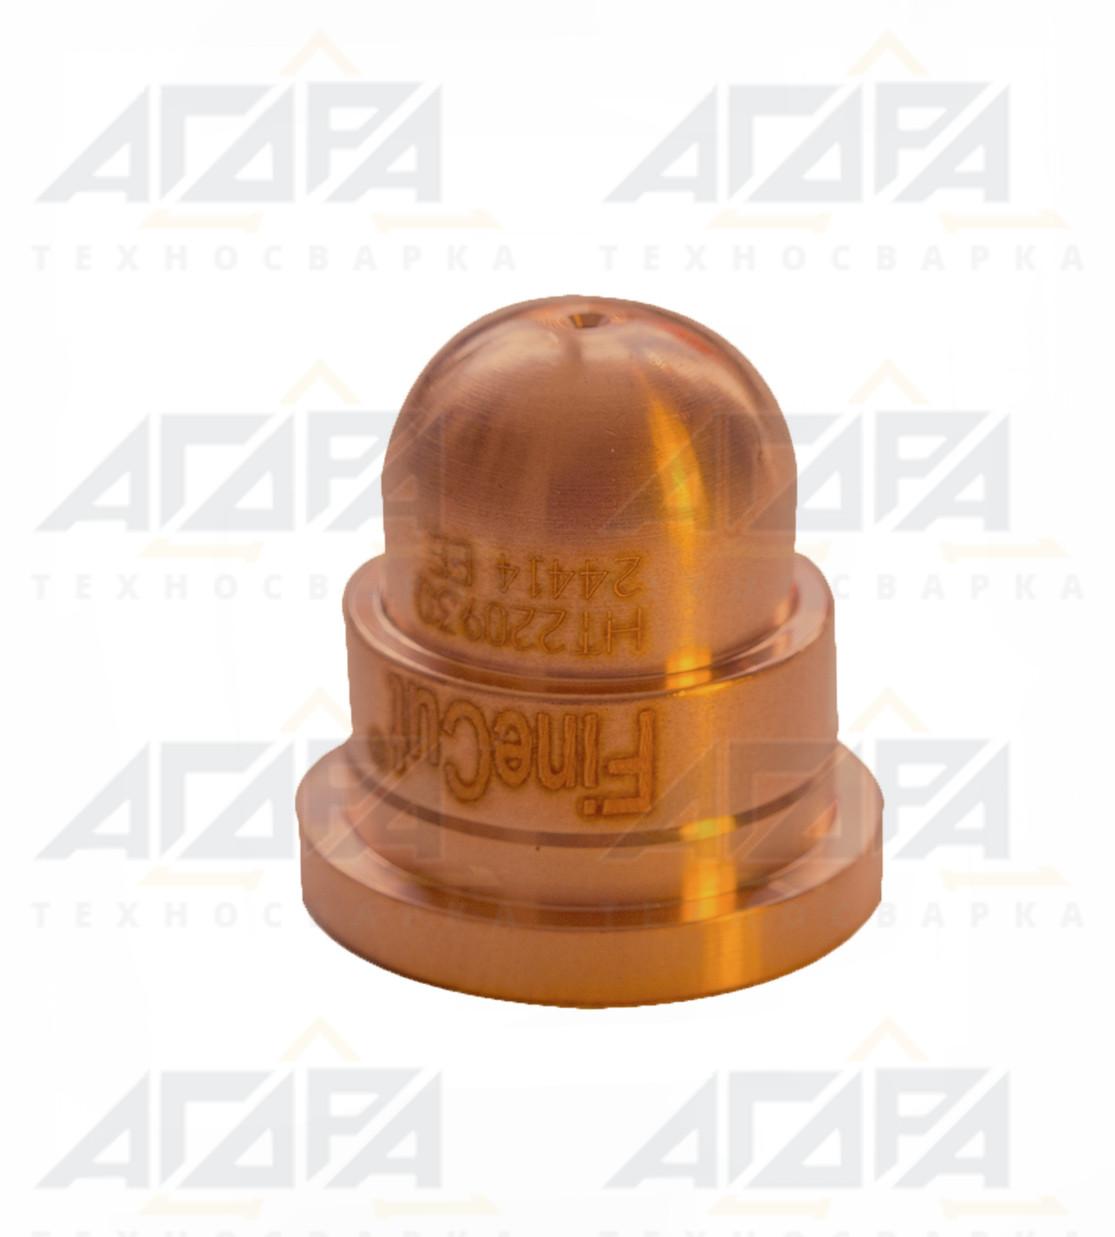 Сопло/Nozzle FineCut 220930 для Hypertherm Powermax 65 Hypertherm Powermax 85 оригинал (OEM)